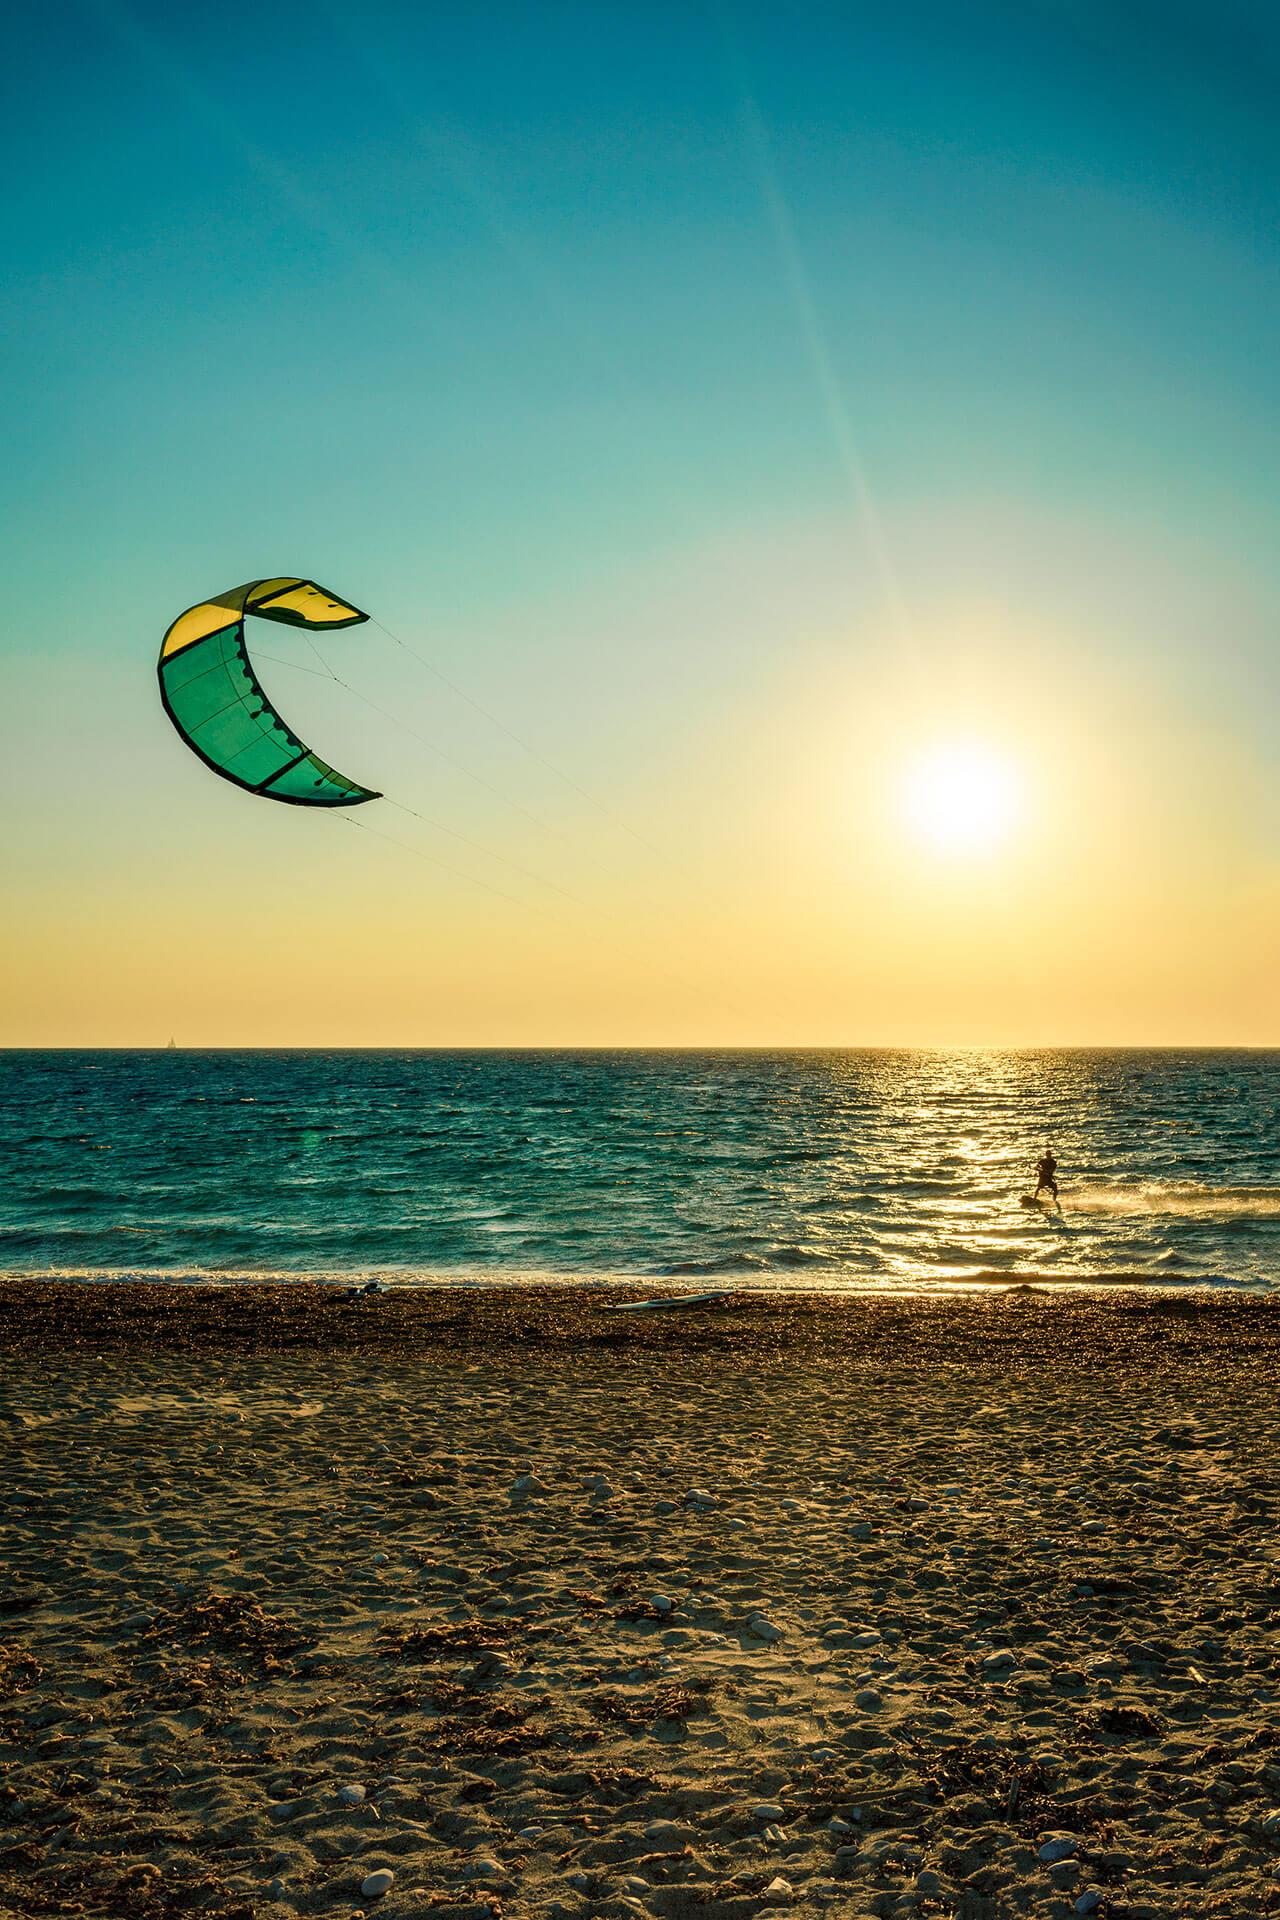 kitesurf-01.jpg